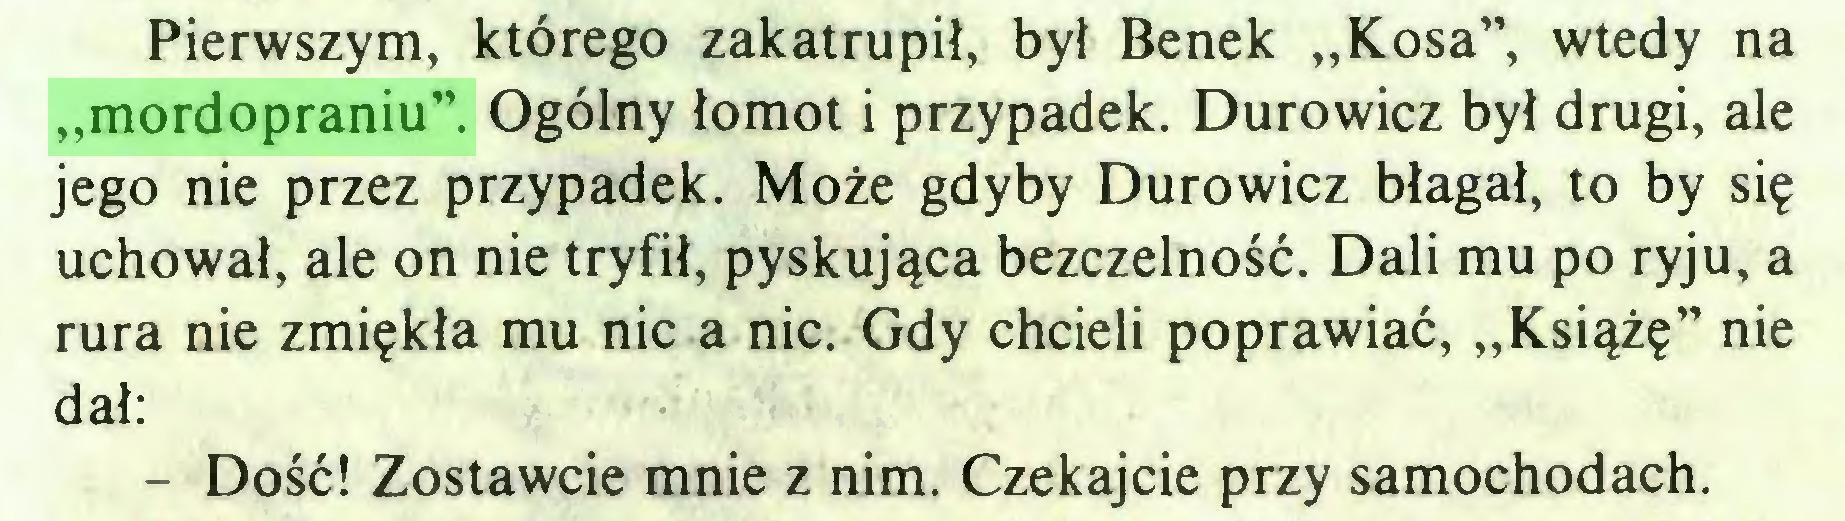 """(...) Pierwszym, którego zakatrupił, był Benek """"Kosa"""", wtedy na """"mordopraniu"""". Ogólny łomot i przypadek. Durowicz był drugi, ale jego nie przez przypadek. Może gdyby Durowicz błagał, to by się uchował, ale on nie tryfił, pyskująca bezczelność. Dali mu po ryju, a rura nie zmiękła mu nic a nic. Gdy chcieli poprawiać, """"Książę"""" nie dał: - Dość! Zostawcie mnie z nim. Czekajcie przy samochodach..."""